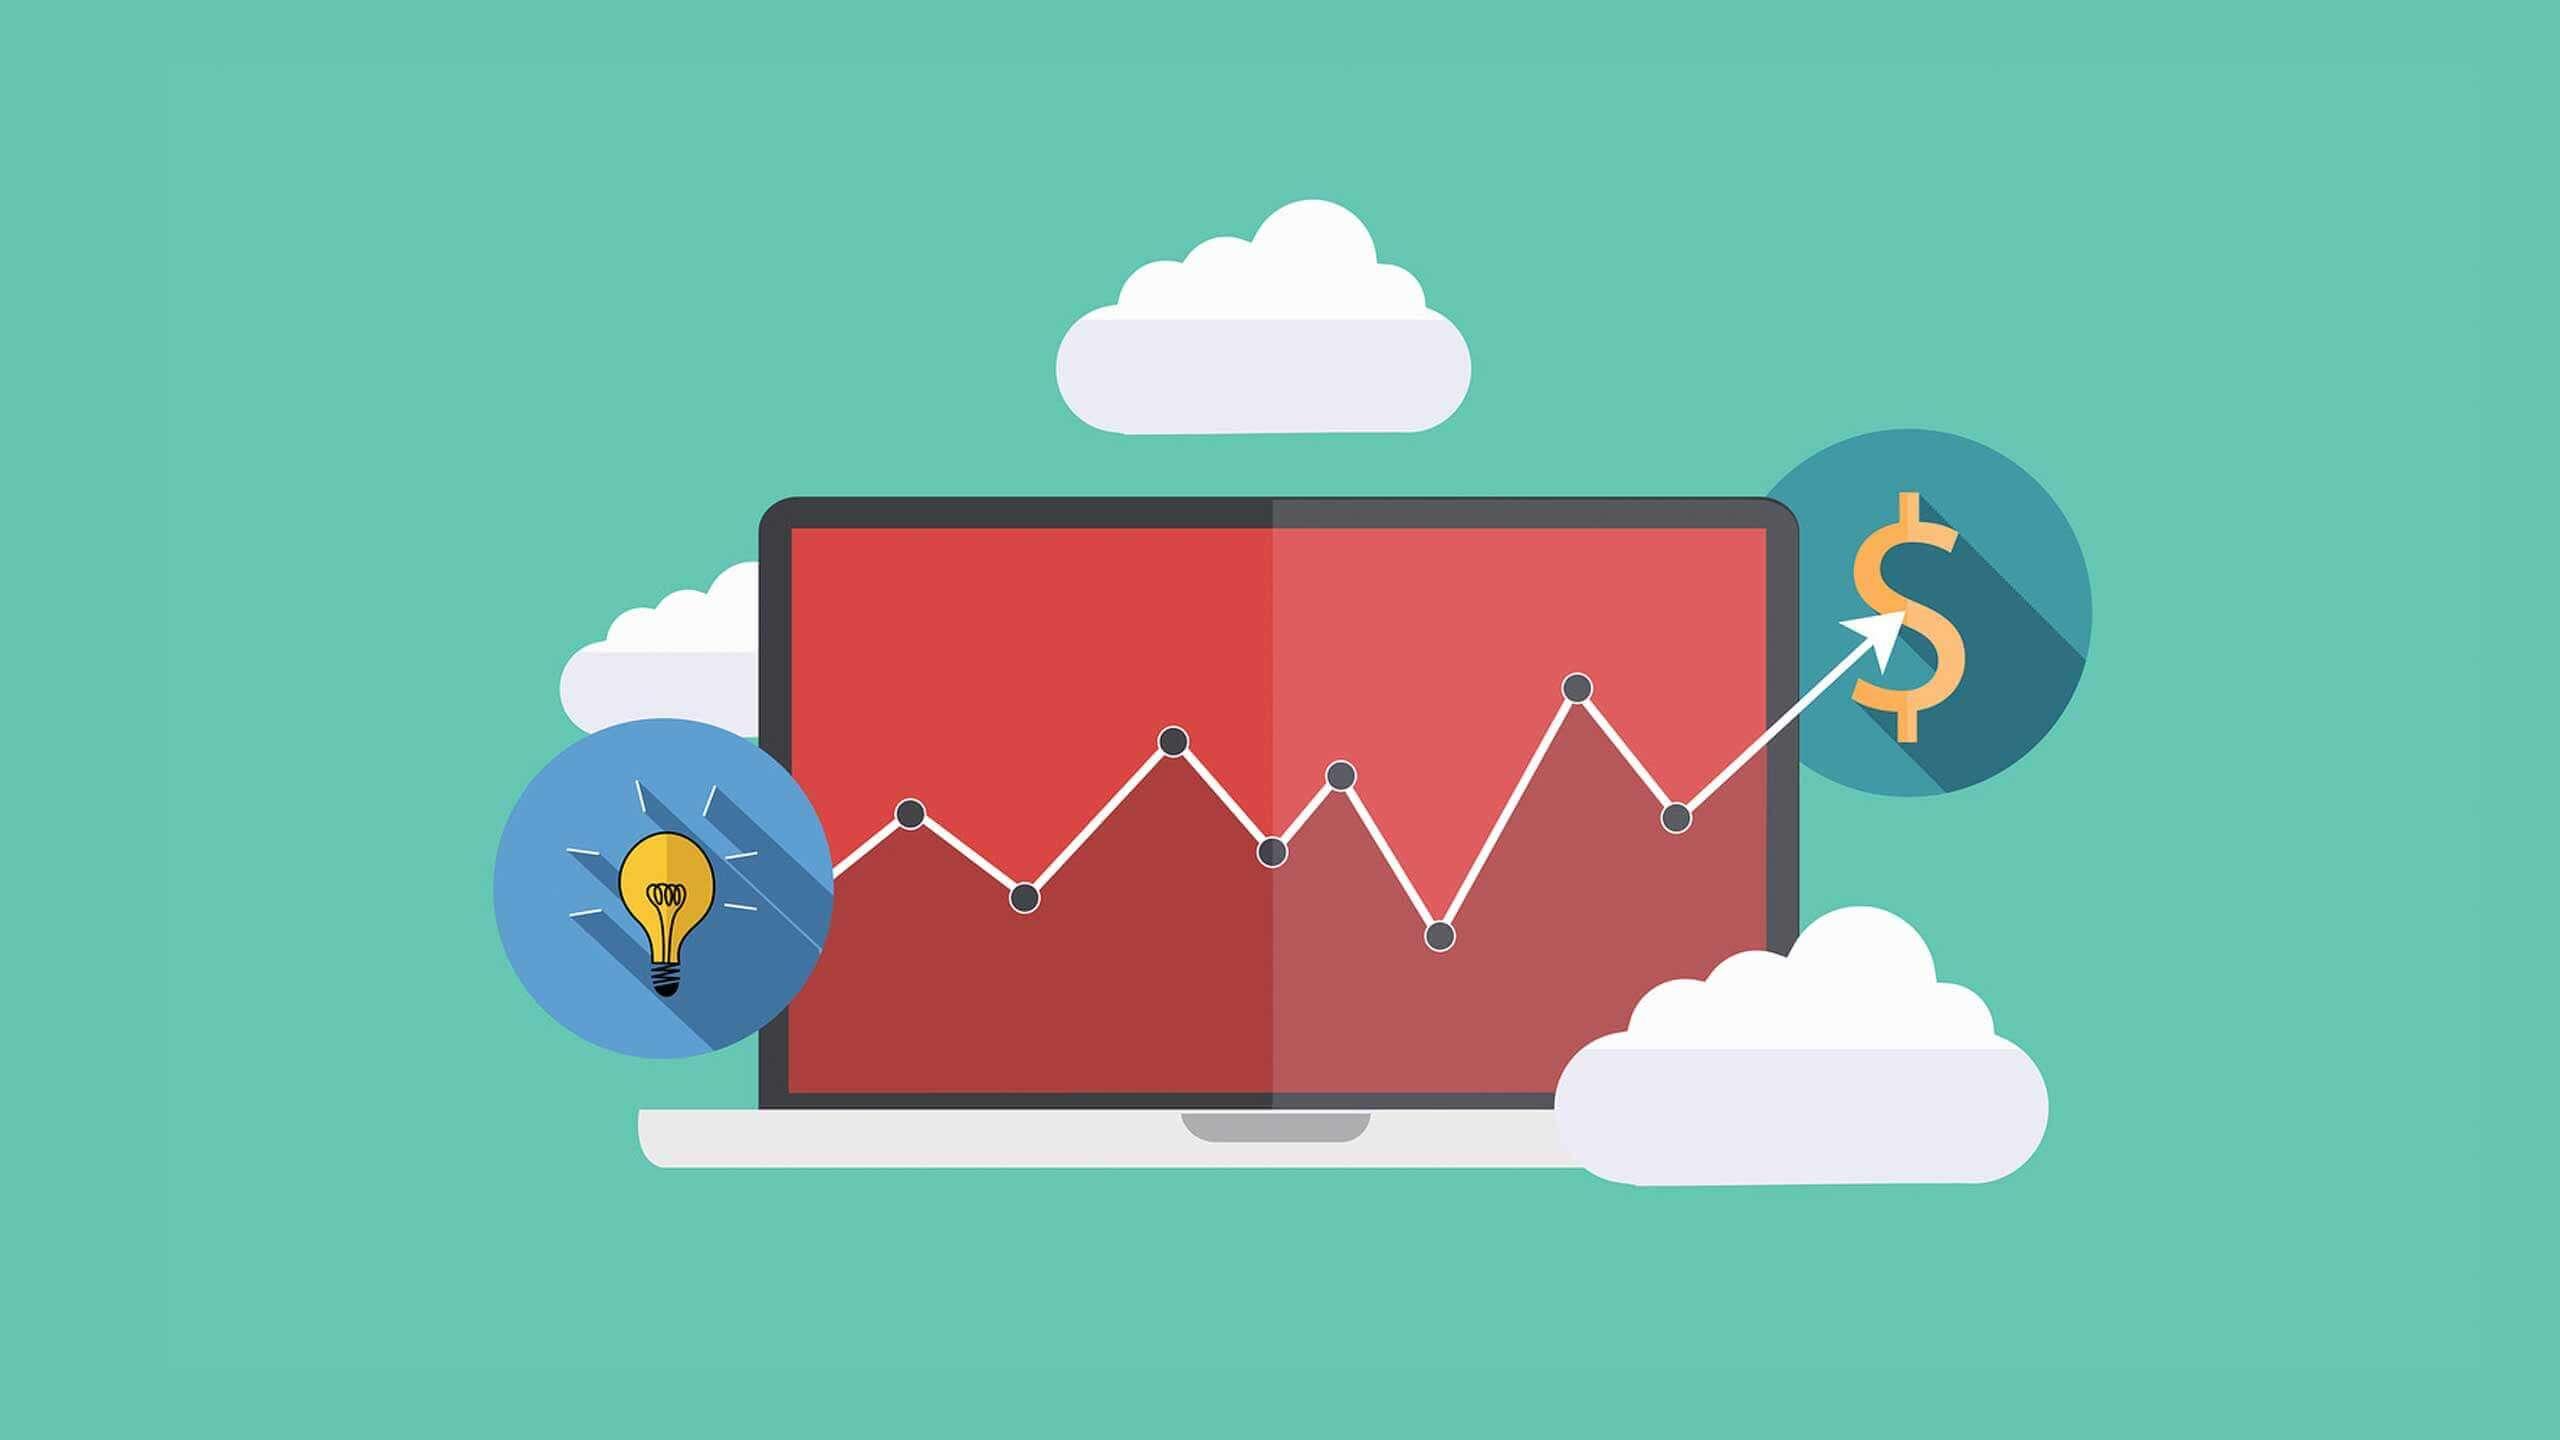 ۱. Google AdWords جذب هدفمند مخاطب و مشتری را افزایش میدهد گوگل آنالیتیکس یکی از بهترین ابزارها برای جذب هدفمند مخاطب به شمار میآید. اگر کمپینهای شما بهدرستی هدفگذاری و اجراشده باشند، میتوانند تعداد زیادی از افراد را به مشتری دائمی یا خریدار تبدیل کنند. گوگل ادوردز این امکان را برای شما به وجود میآورد تا تمرکز خود را روی افرادی قرار دهید که دقیقا محصول یا سرویس موردنظر شمارا در گوگل، جستجو میکنند.  در صورت استفاده از سرویس Google AdWords، تنها کسانی به وبسایت شما مراجعه میکنند که تا حد بسیار زیادی، قصد خرید محصول یا سرویس را داشته باشند.  ۲. گوگل ادوردز یک پلتفرم منعطف بازاریابی است اگر از کسانی که از گوگل ادوردز استفاده میکنند، بارزترین ویژگی این سرویس را جویا شوید، آنها قطعا به شما خواهند گفت که انعطافپذیری بالا ازجمله ویژگیهای بارز Google AdWords به شمار میآید. این سرویس به دلیل انعطافپذیری بالا، میتواند برای انواع سازمانها، از کوچک گرفته تا بزرگ، مناسب باشد. همچنین Google AdWords با دیگر پلتفرمهای بازاریابی نیز هماهنگی و سازگاری بالایی دارد.  امکان شخصیسازی کمپینهای تبلیغاتی برای طیف از خاصی از افراد، ازجمله ویژگیهای قابل توجه Google AdWords به شمار میآید. با استفاده از این سرویس، شما قادر خواهید بود تا تبلیغات خود را بر اساس موقعیتهای جغرافیایی، نوع دستگاه مورد استفاده و … به کاربران نشان دهید. همچنین امکان مدیریت بودجه و تعیین بودجه روزانه نیز برای کمپینهایی تبلیغاتی میسر است.  ۳. میزان بازگشت سرمایه Google AdWords بسیار بالاست میزان بازگشت سرمایه بالا ازجمله مشخصههایی است که گوگل ادوردز را به محبوبترین و موثرترین پلتفرم بازاریابی و تبلیغات در جهان بدل کرده است. هرچند که بازگشت سرمایه فرآیندی زمانبر است؛ اما در صورت استفاده صحیح از پتانسیلهای گوگل ادوردز احتمال بازگشت سرمایه شما بسیار بالا خواهد بود.